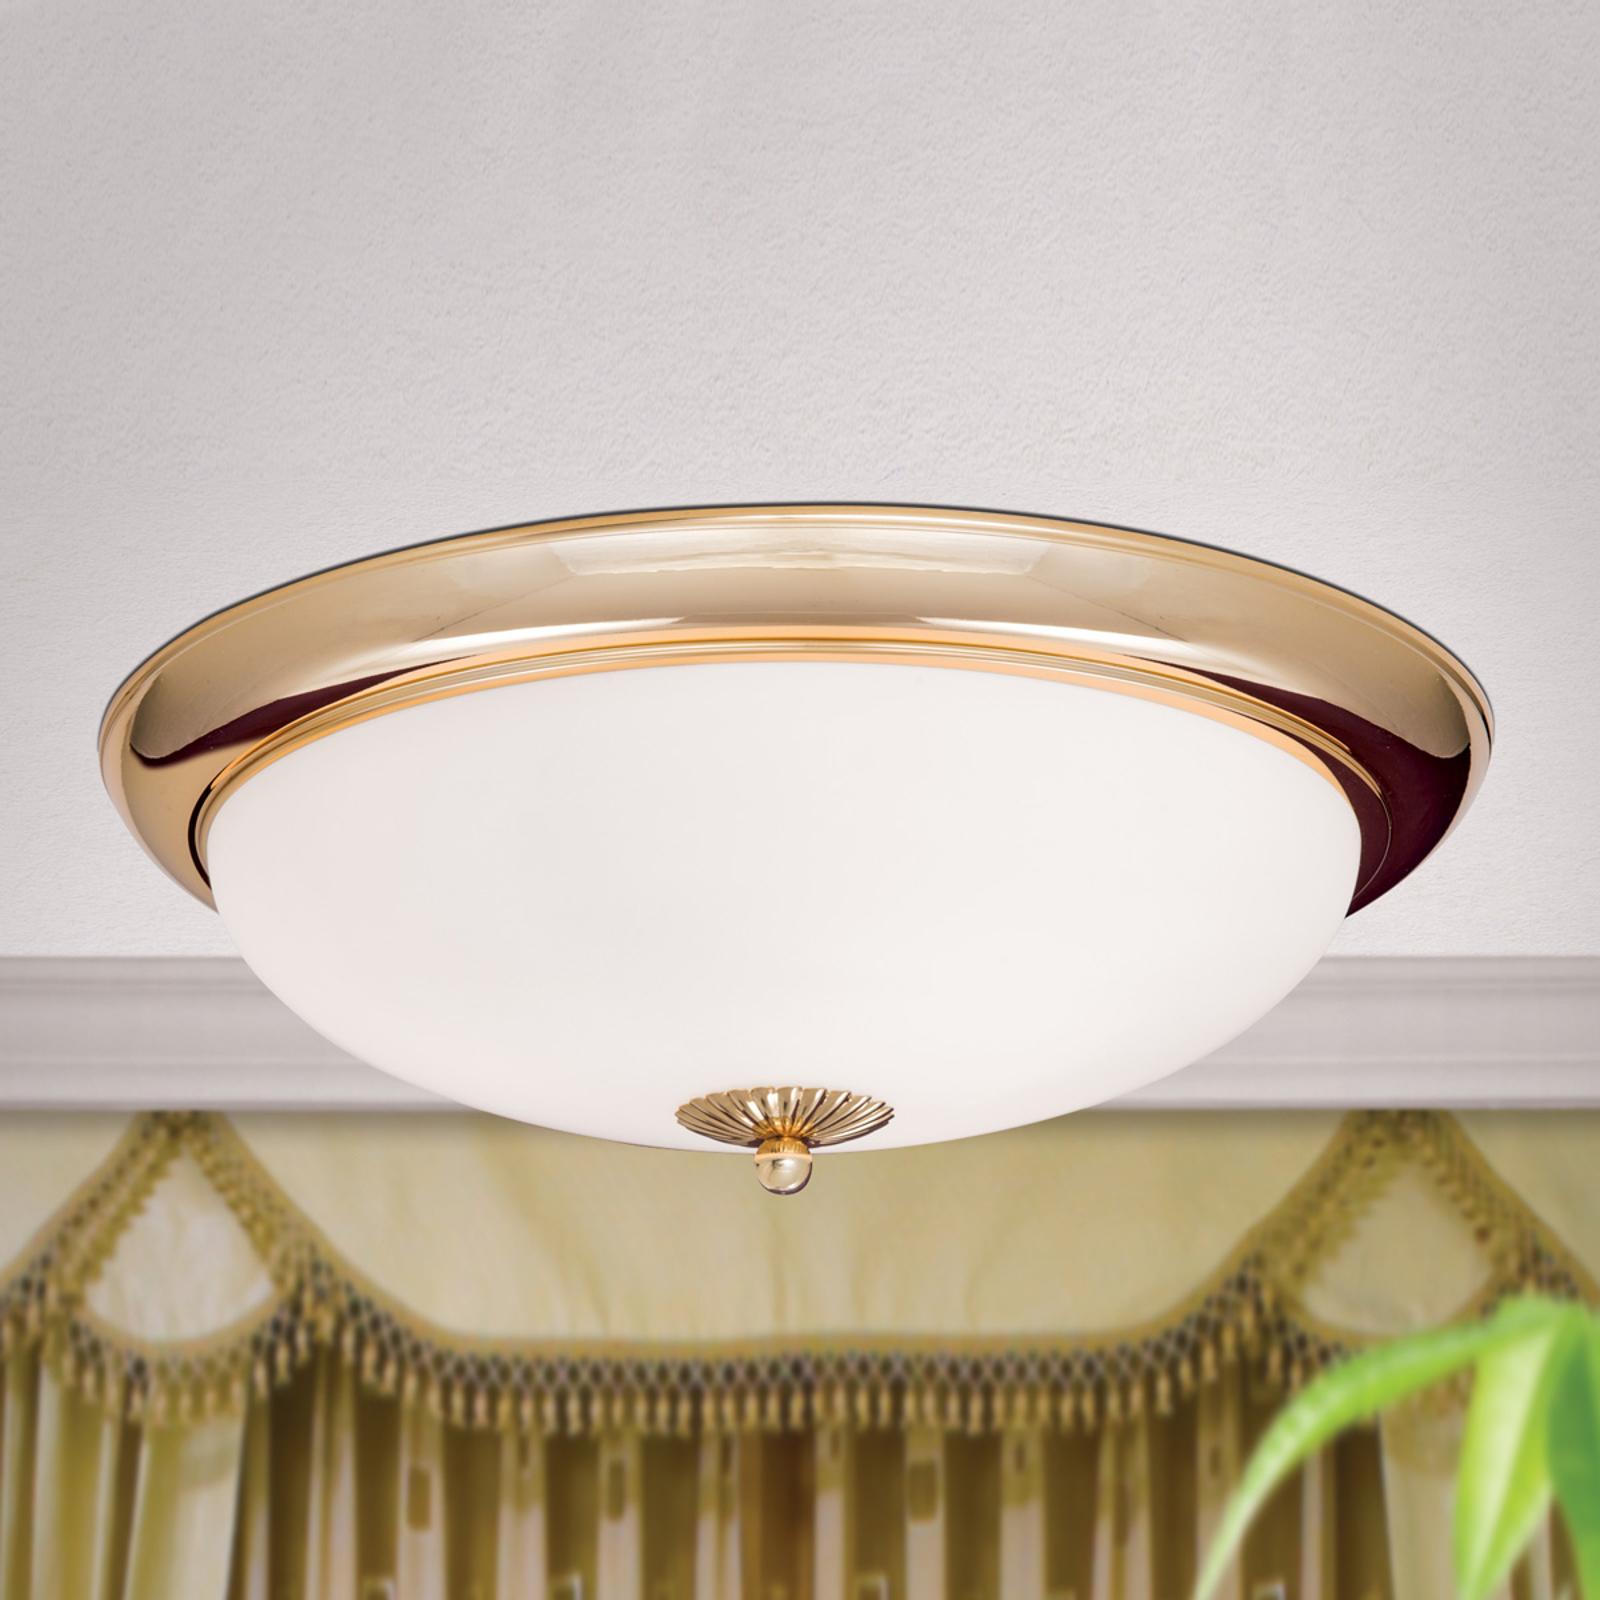 Plafondlamp EMPIRE, diameter 47 cm, verguld